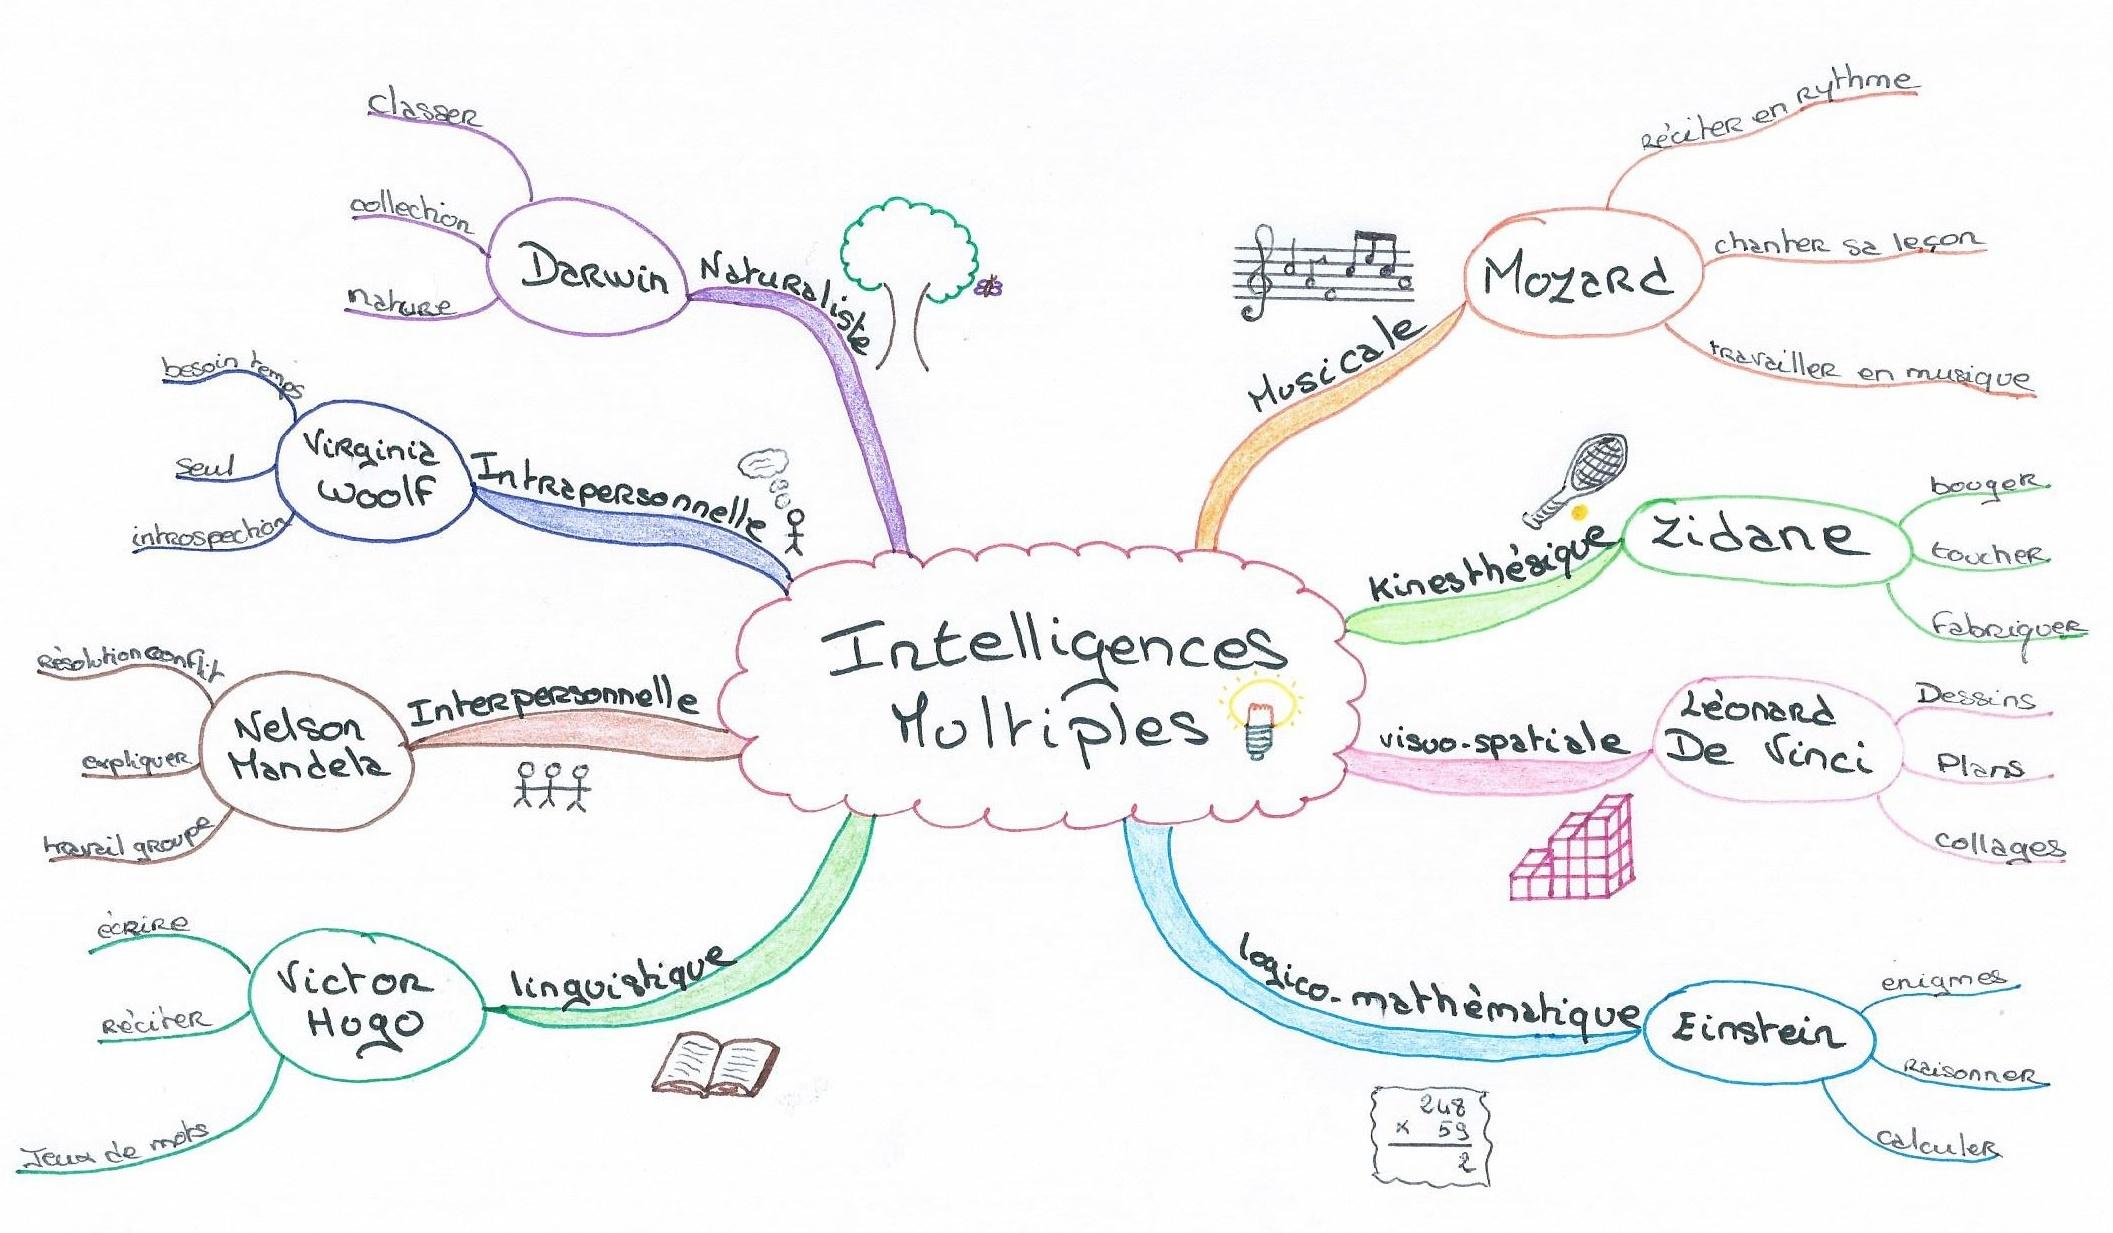 Qu'est ce que l'on entend par intelligences multiples ?